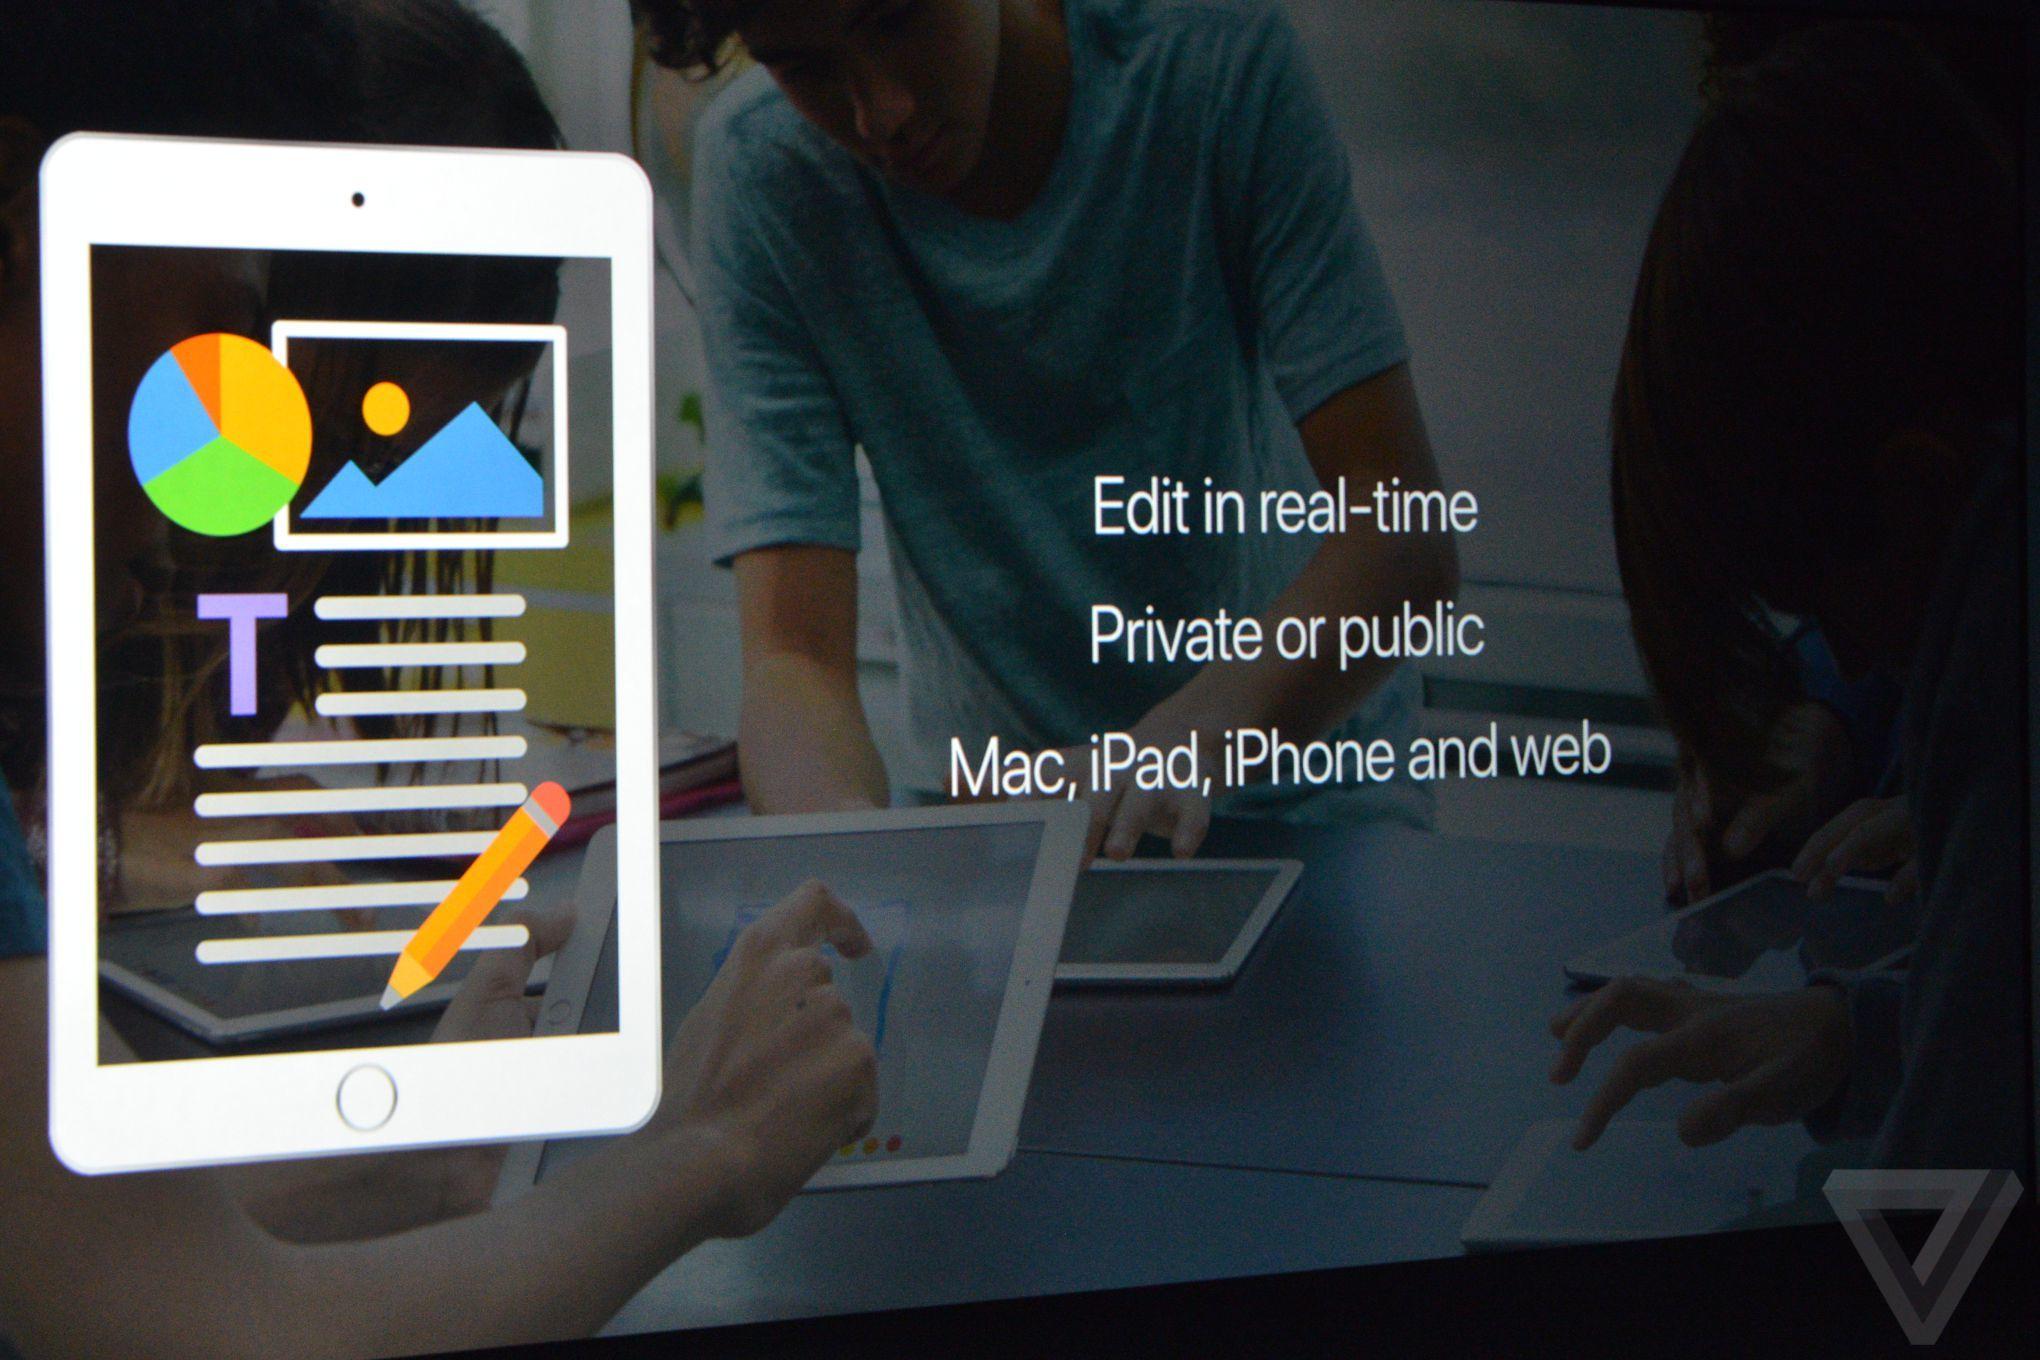 Apple aggiorna iWork introducendo la collaborazione in tempo reale